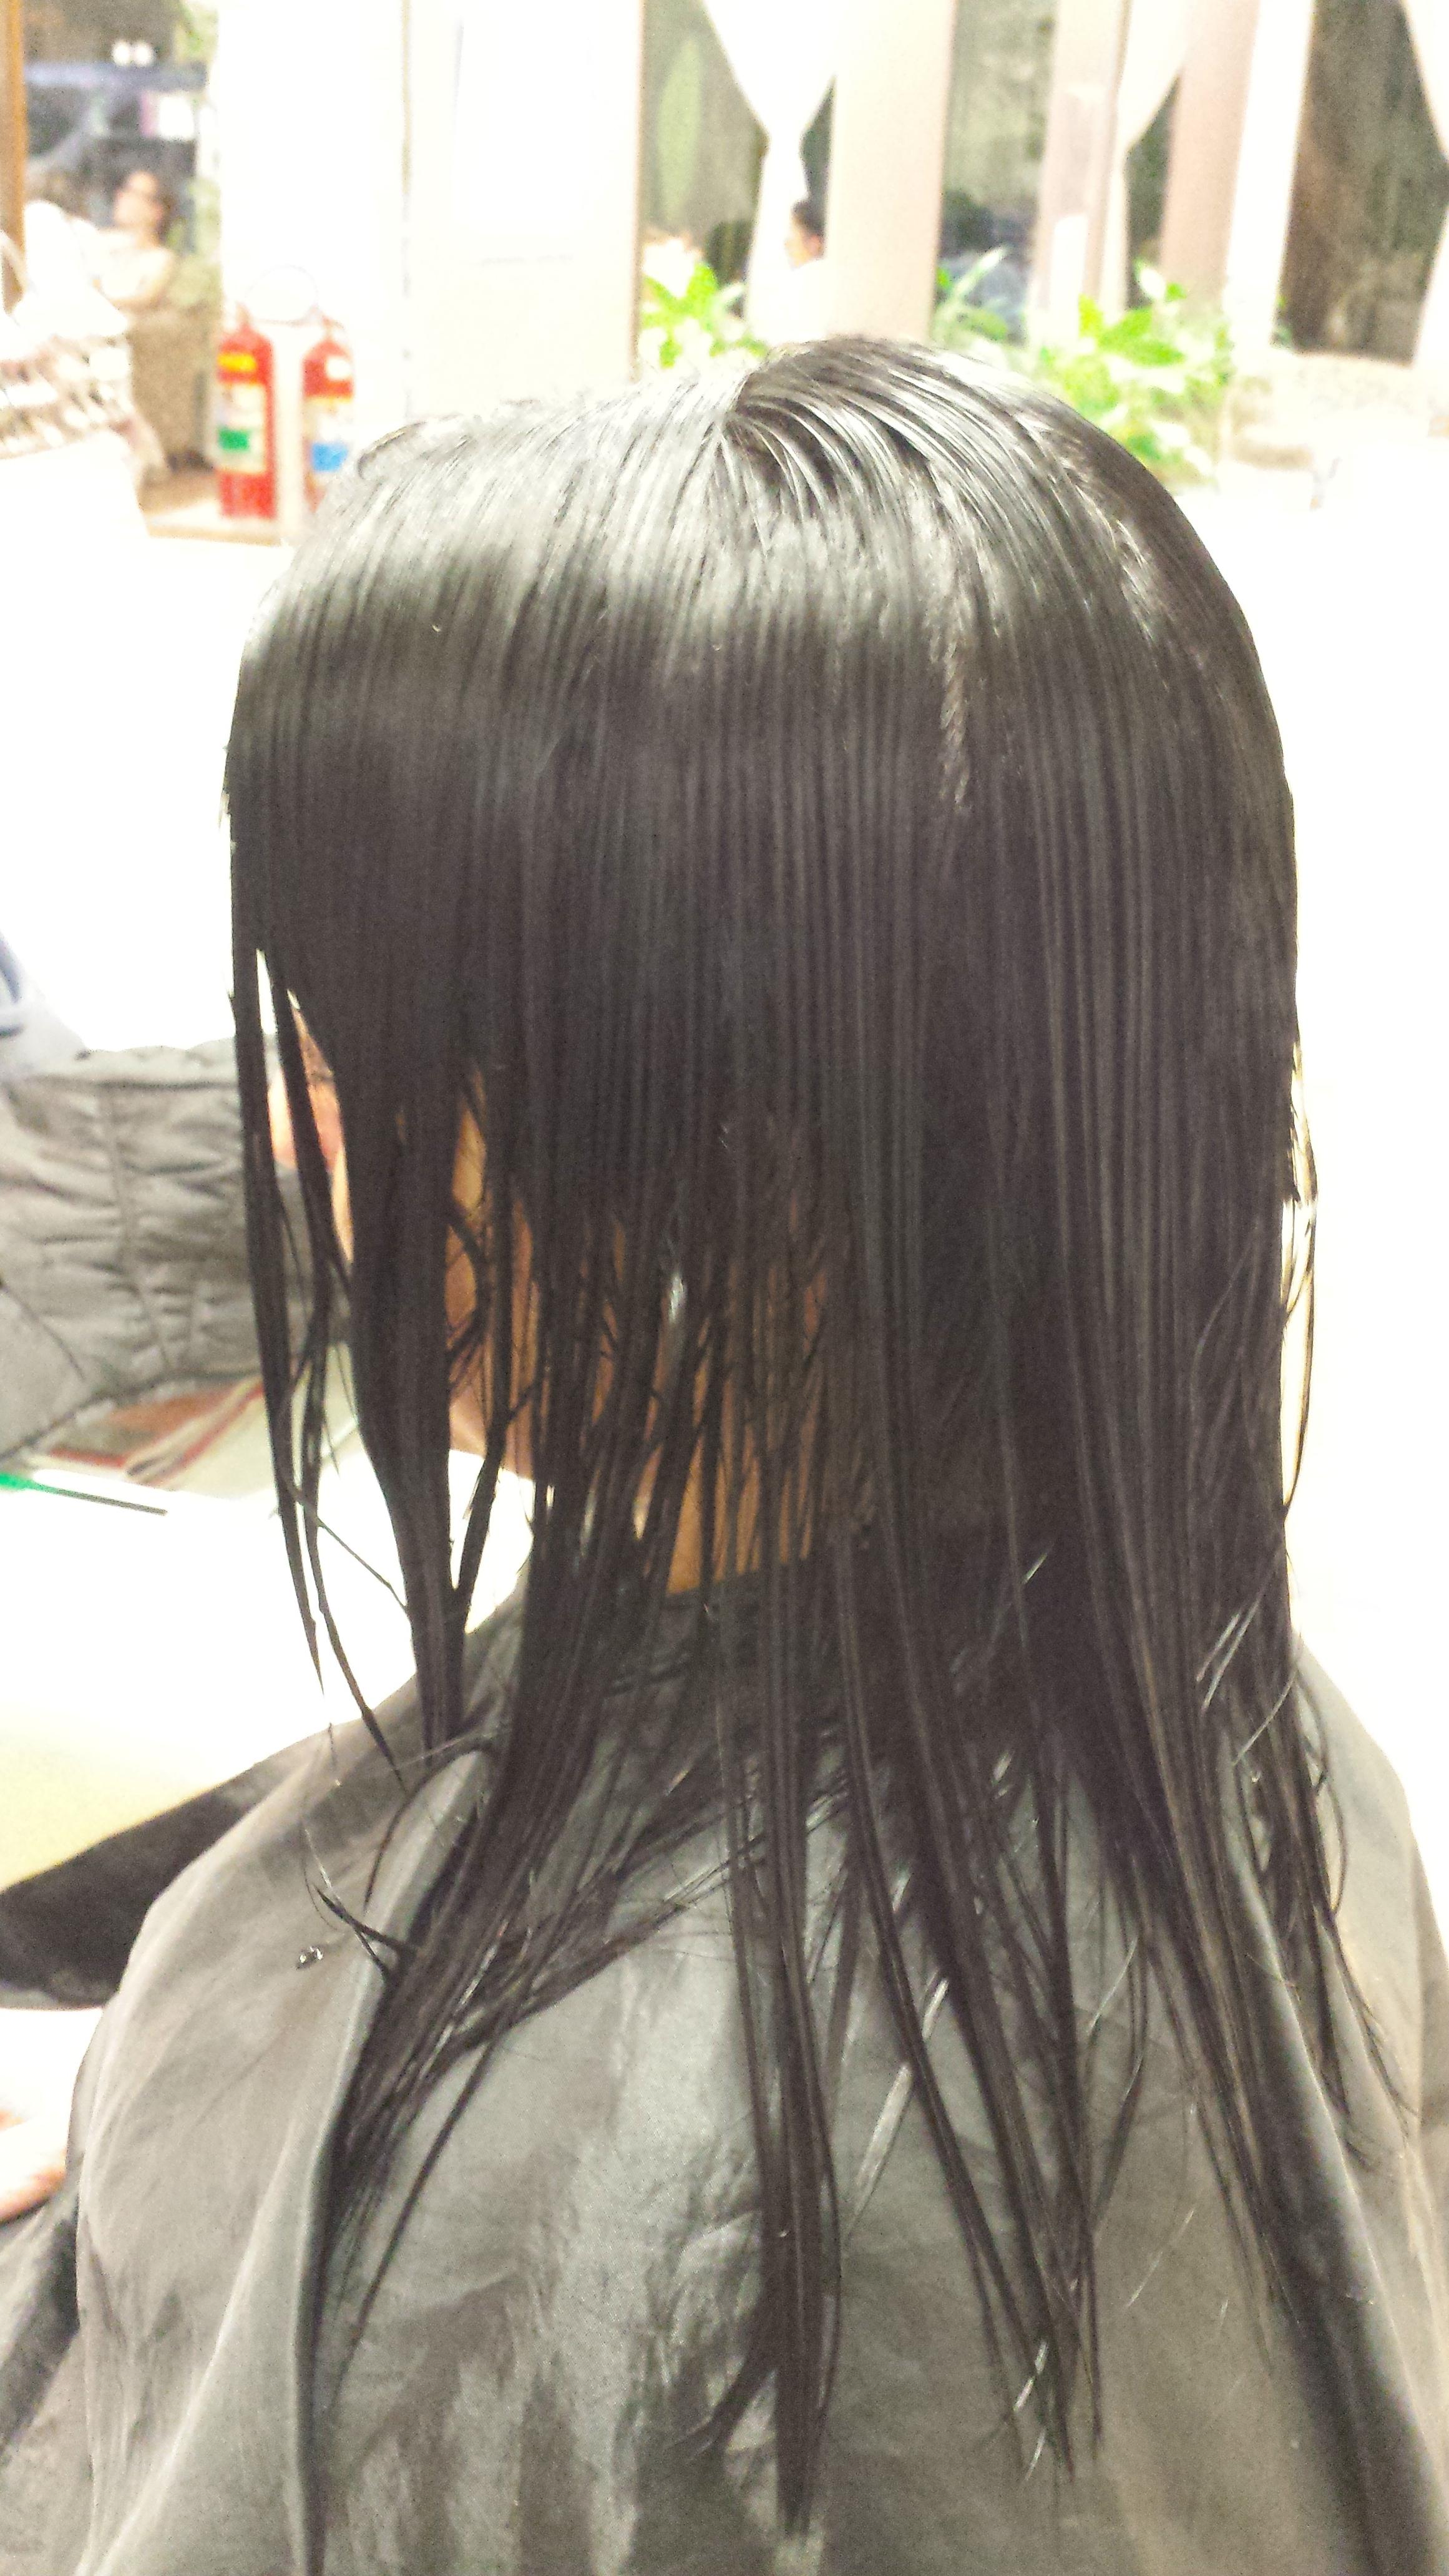 preparando o corte cabelo cabeleireiro(a)